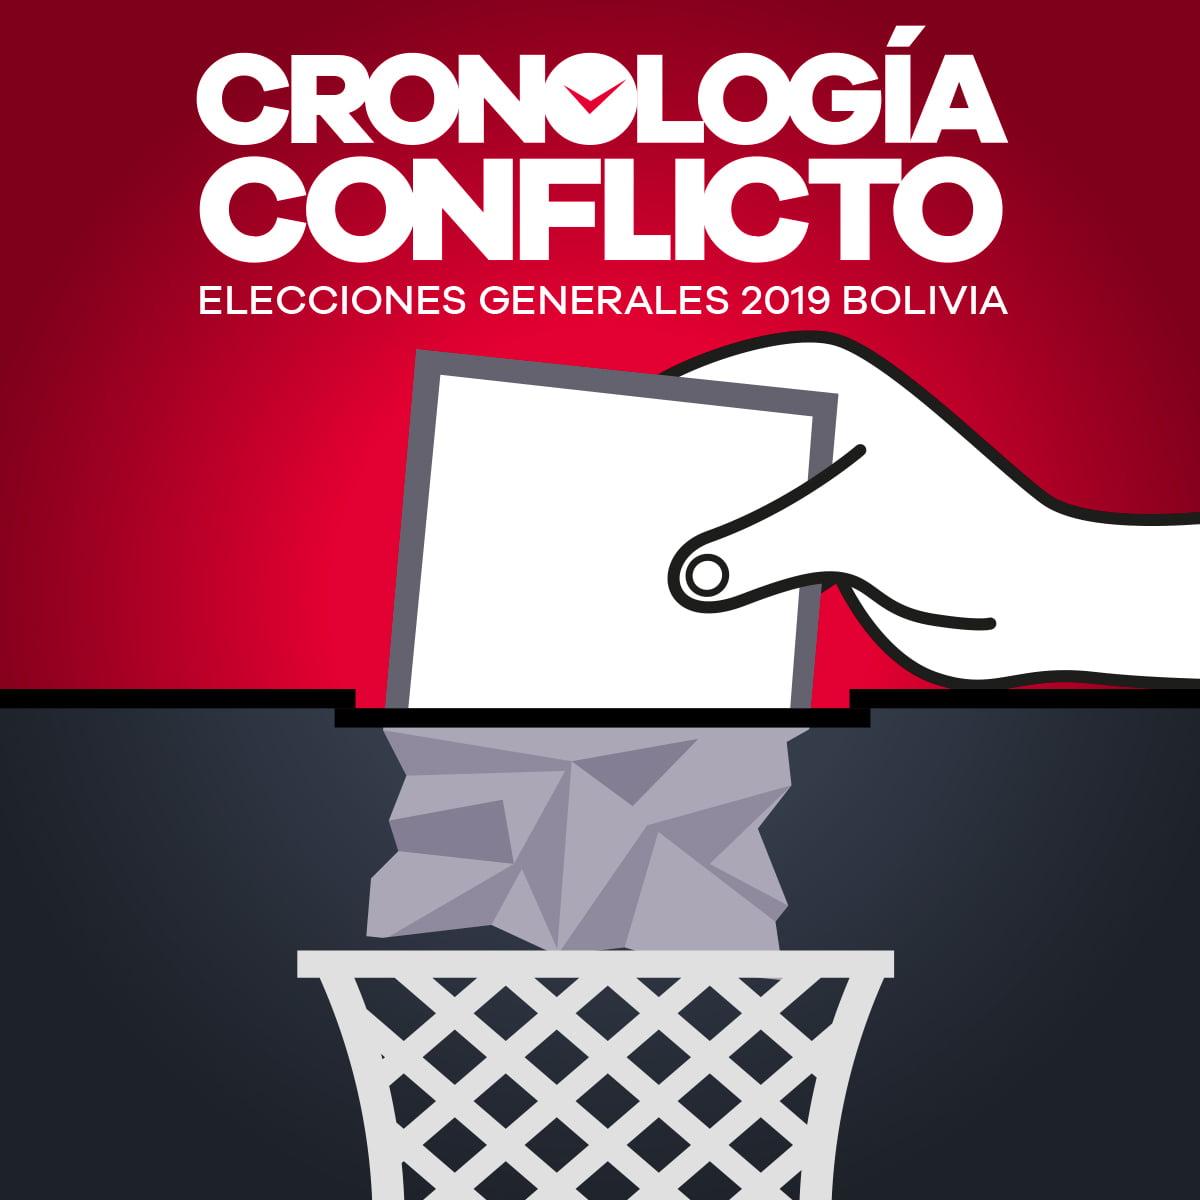 Elecciones Generales en Bolivia 2019: Cronología del conflicto 3 (28 y 29 oct)